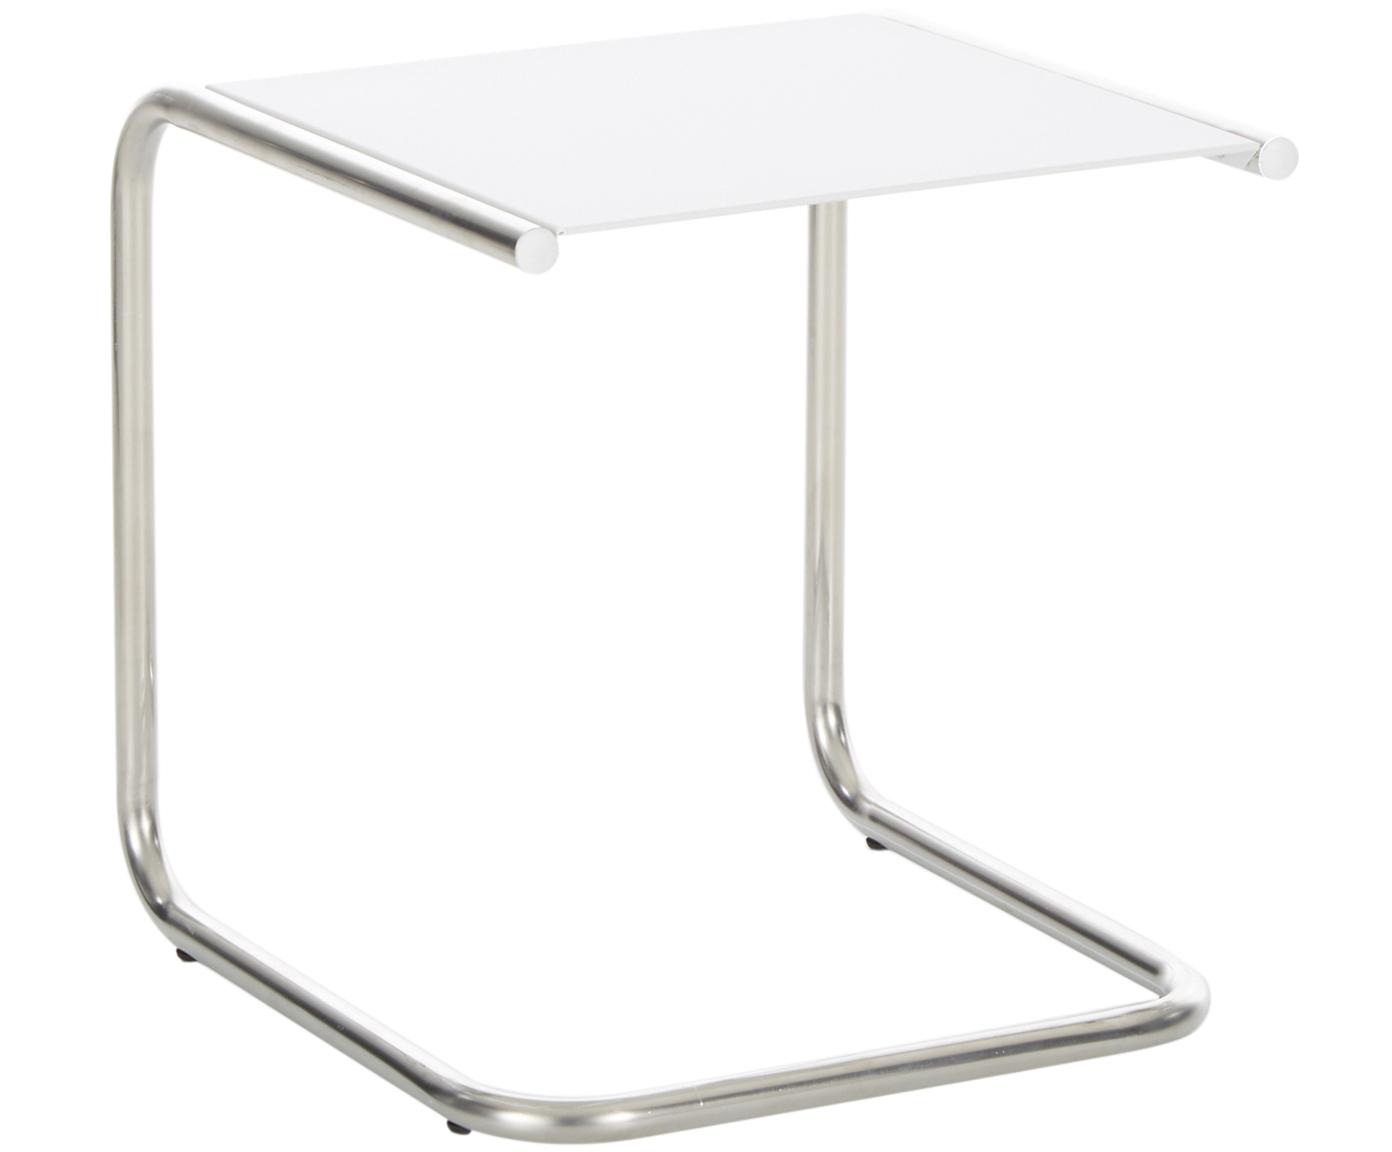 Garten-Beistelltisch Club aus Metall, Tischplatte: Metall, pulverbeschichtet, Gestell: Aluminium, poliert, Weiss, Aluminium, B 40 x T 40 cm